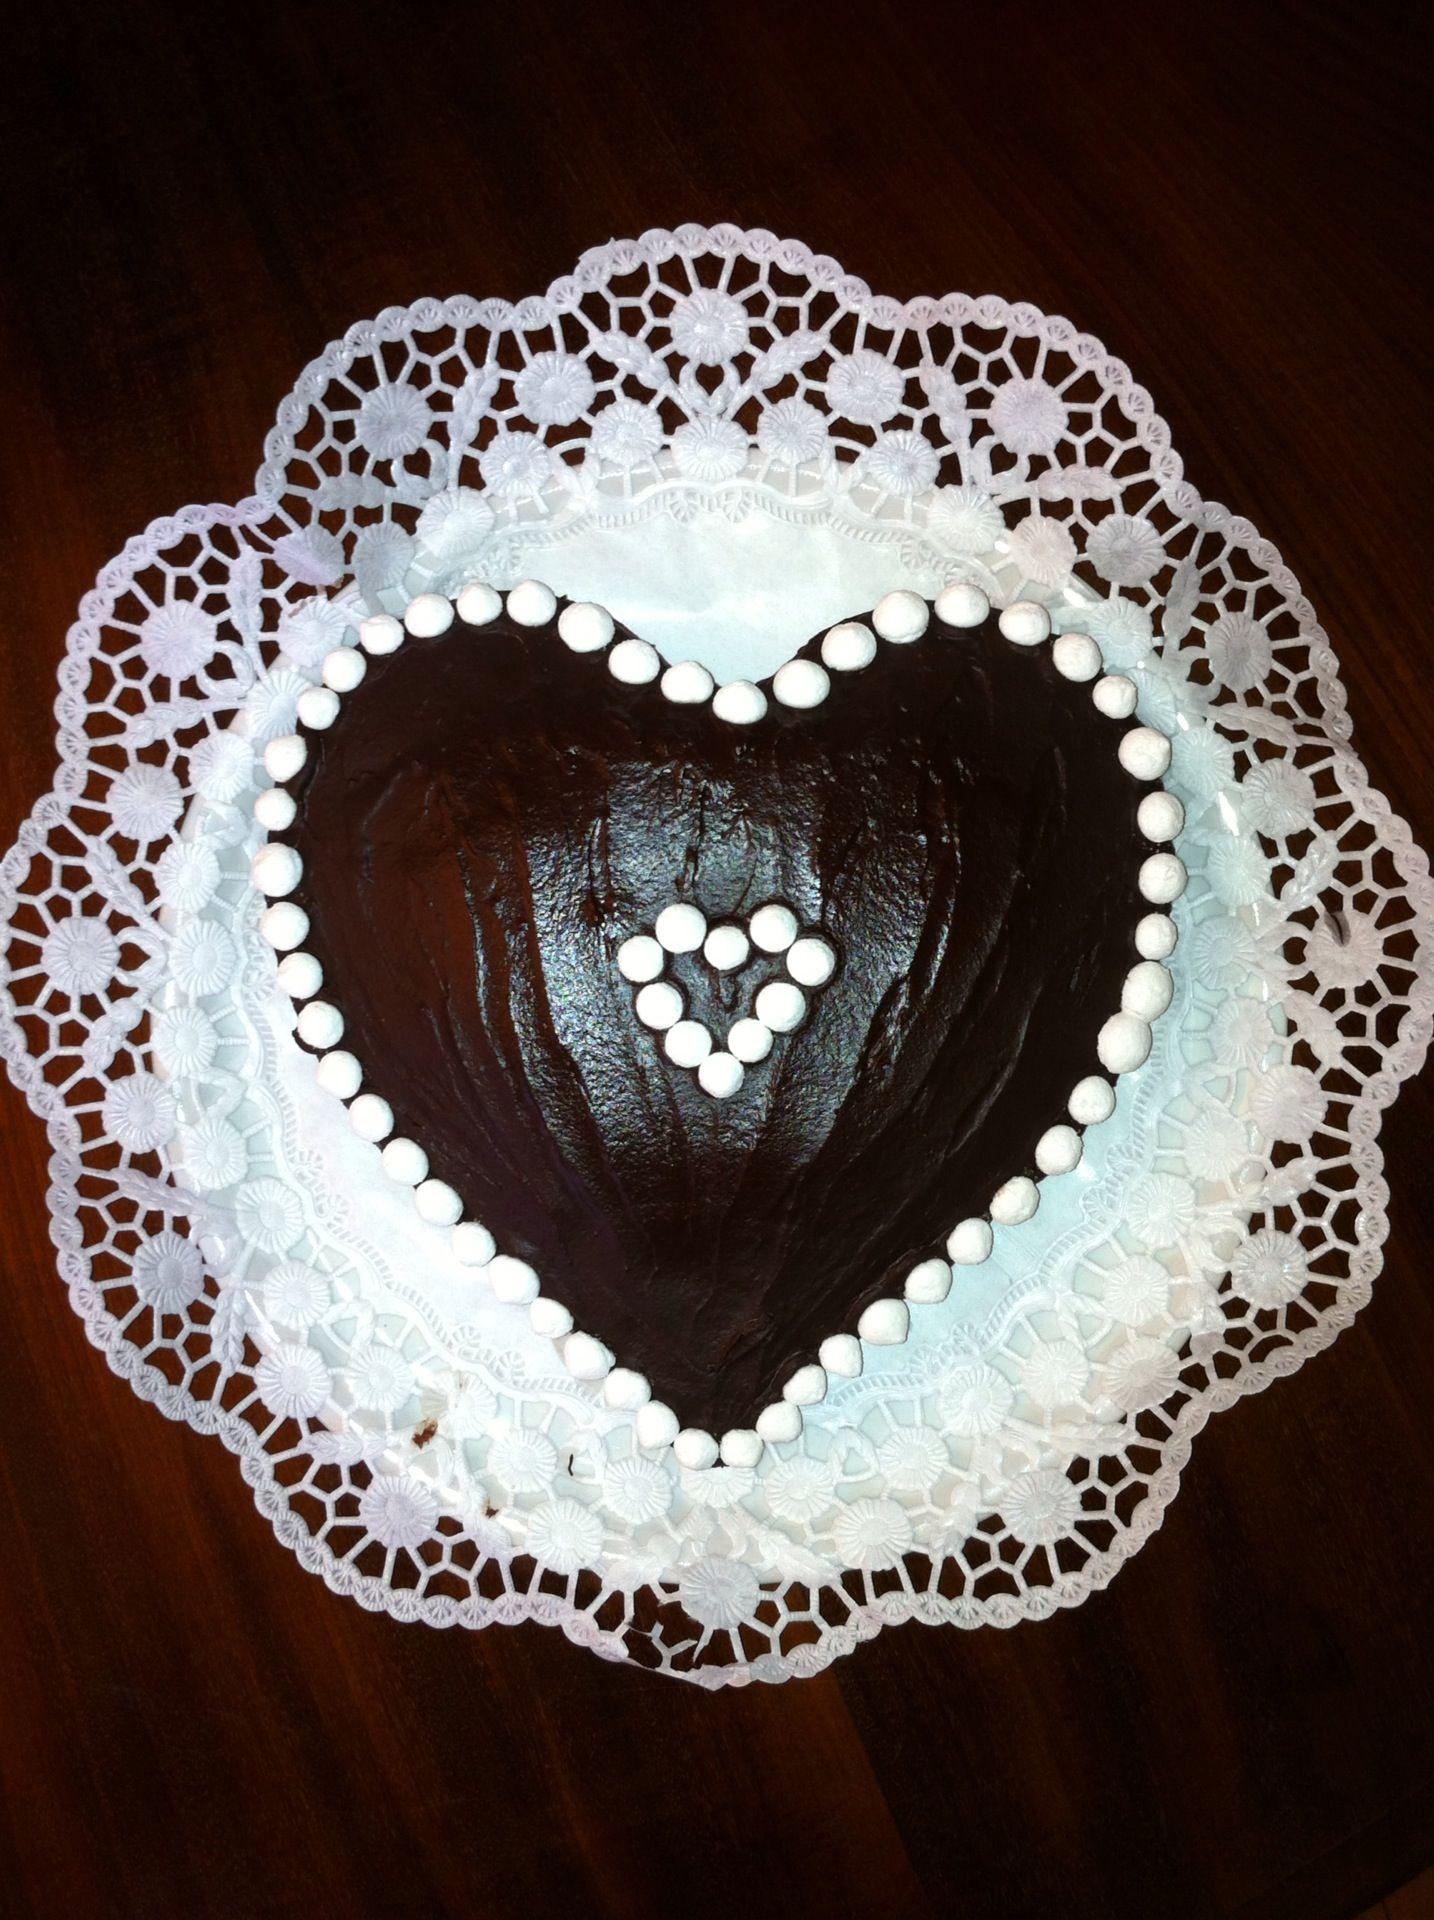 un cuore per un augurio cioccolatoso